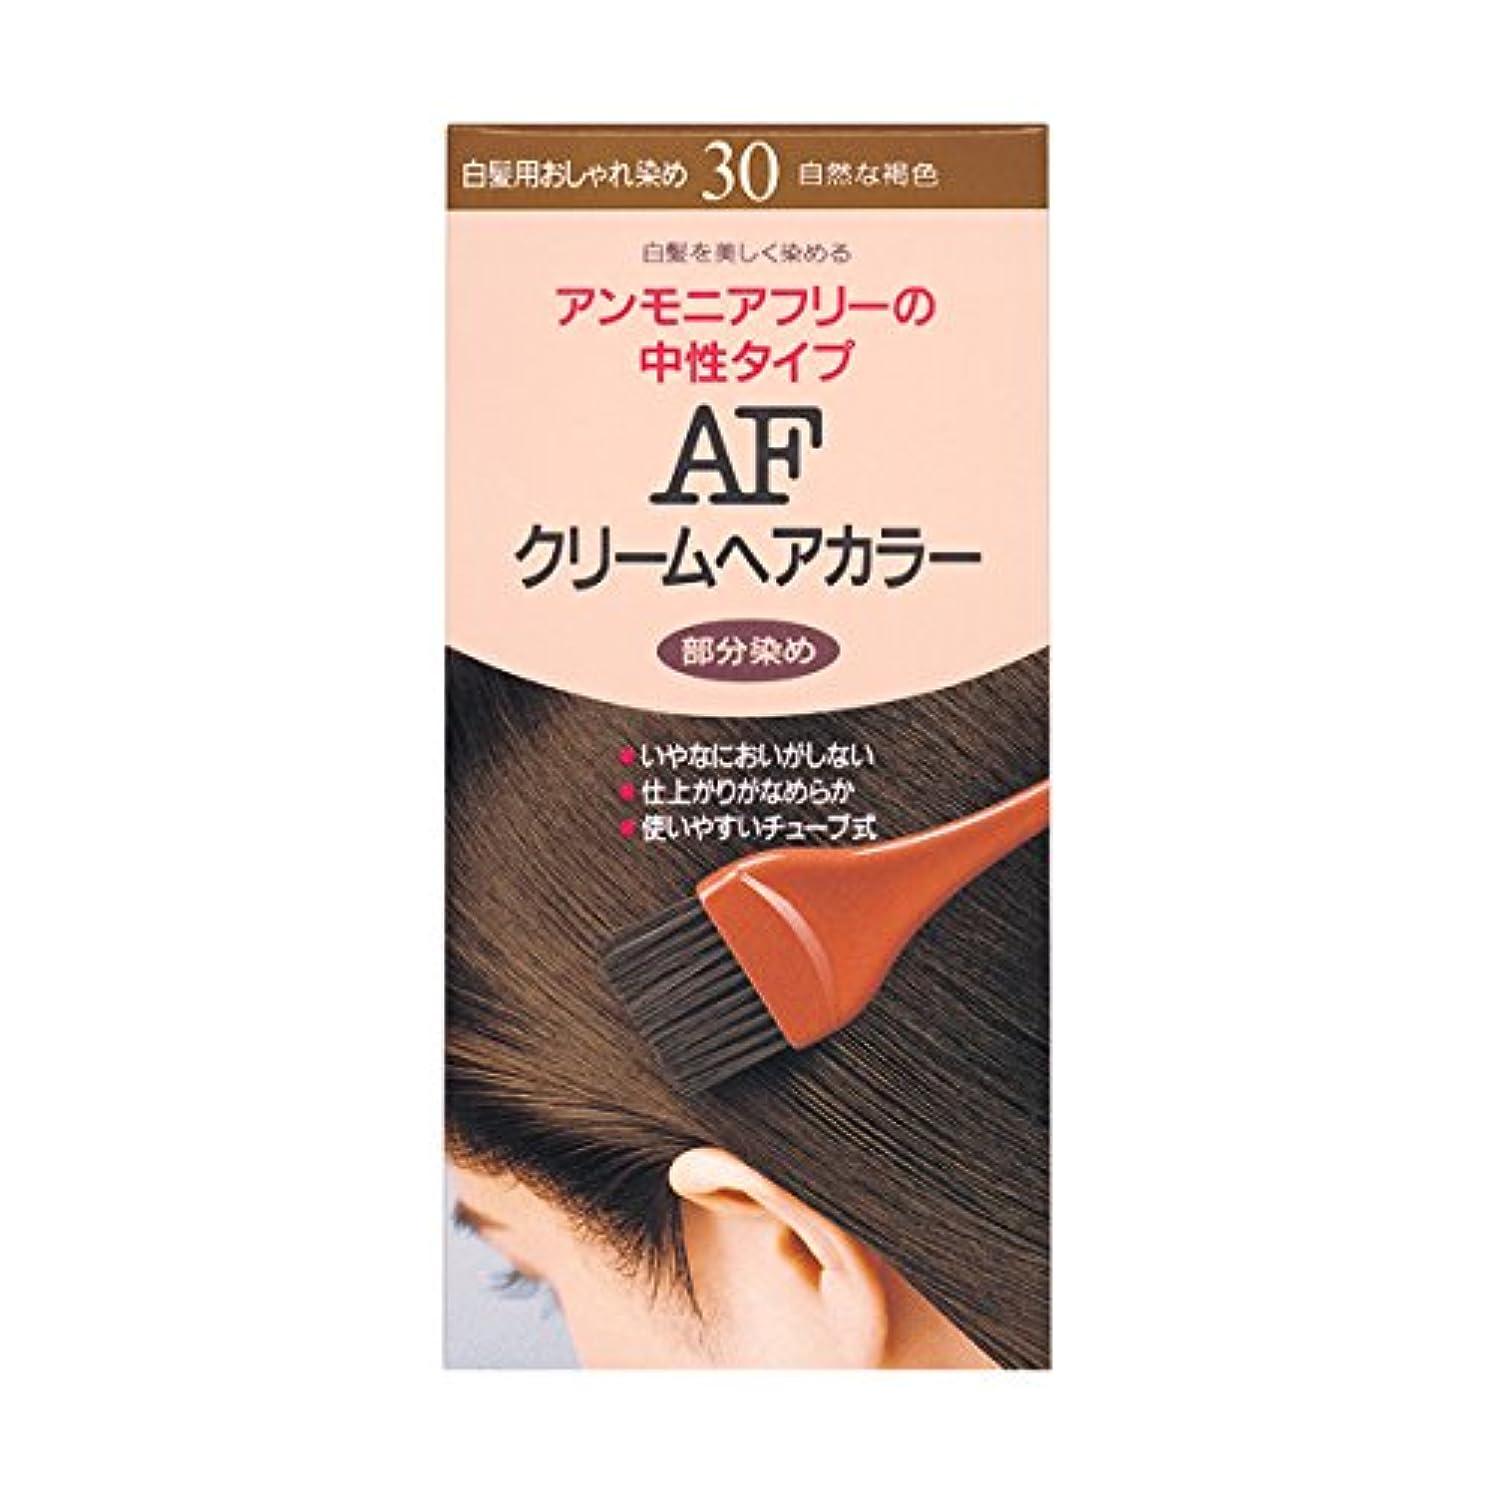 伝統無許可明るくするヘアカラー AFクリームヘアカラー 30 【医薬部外品】